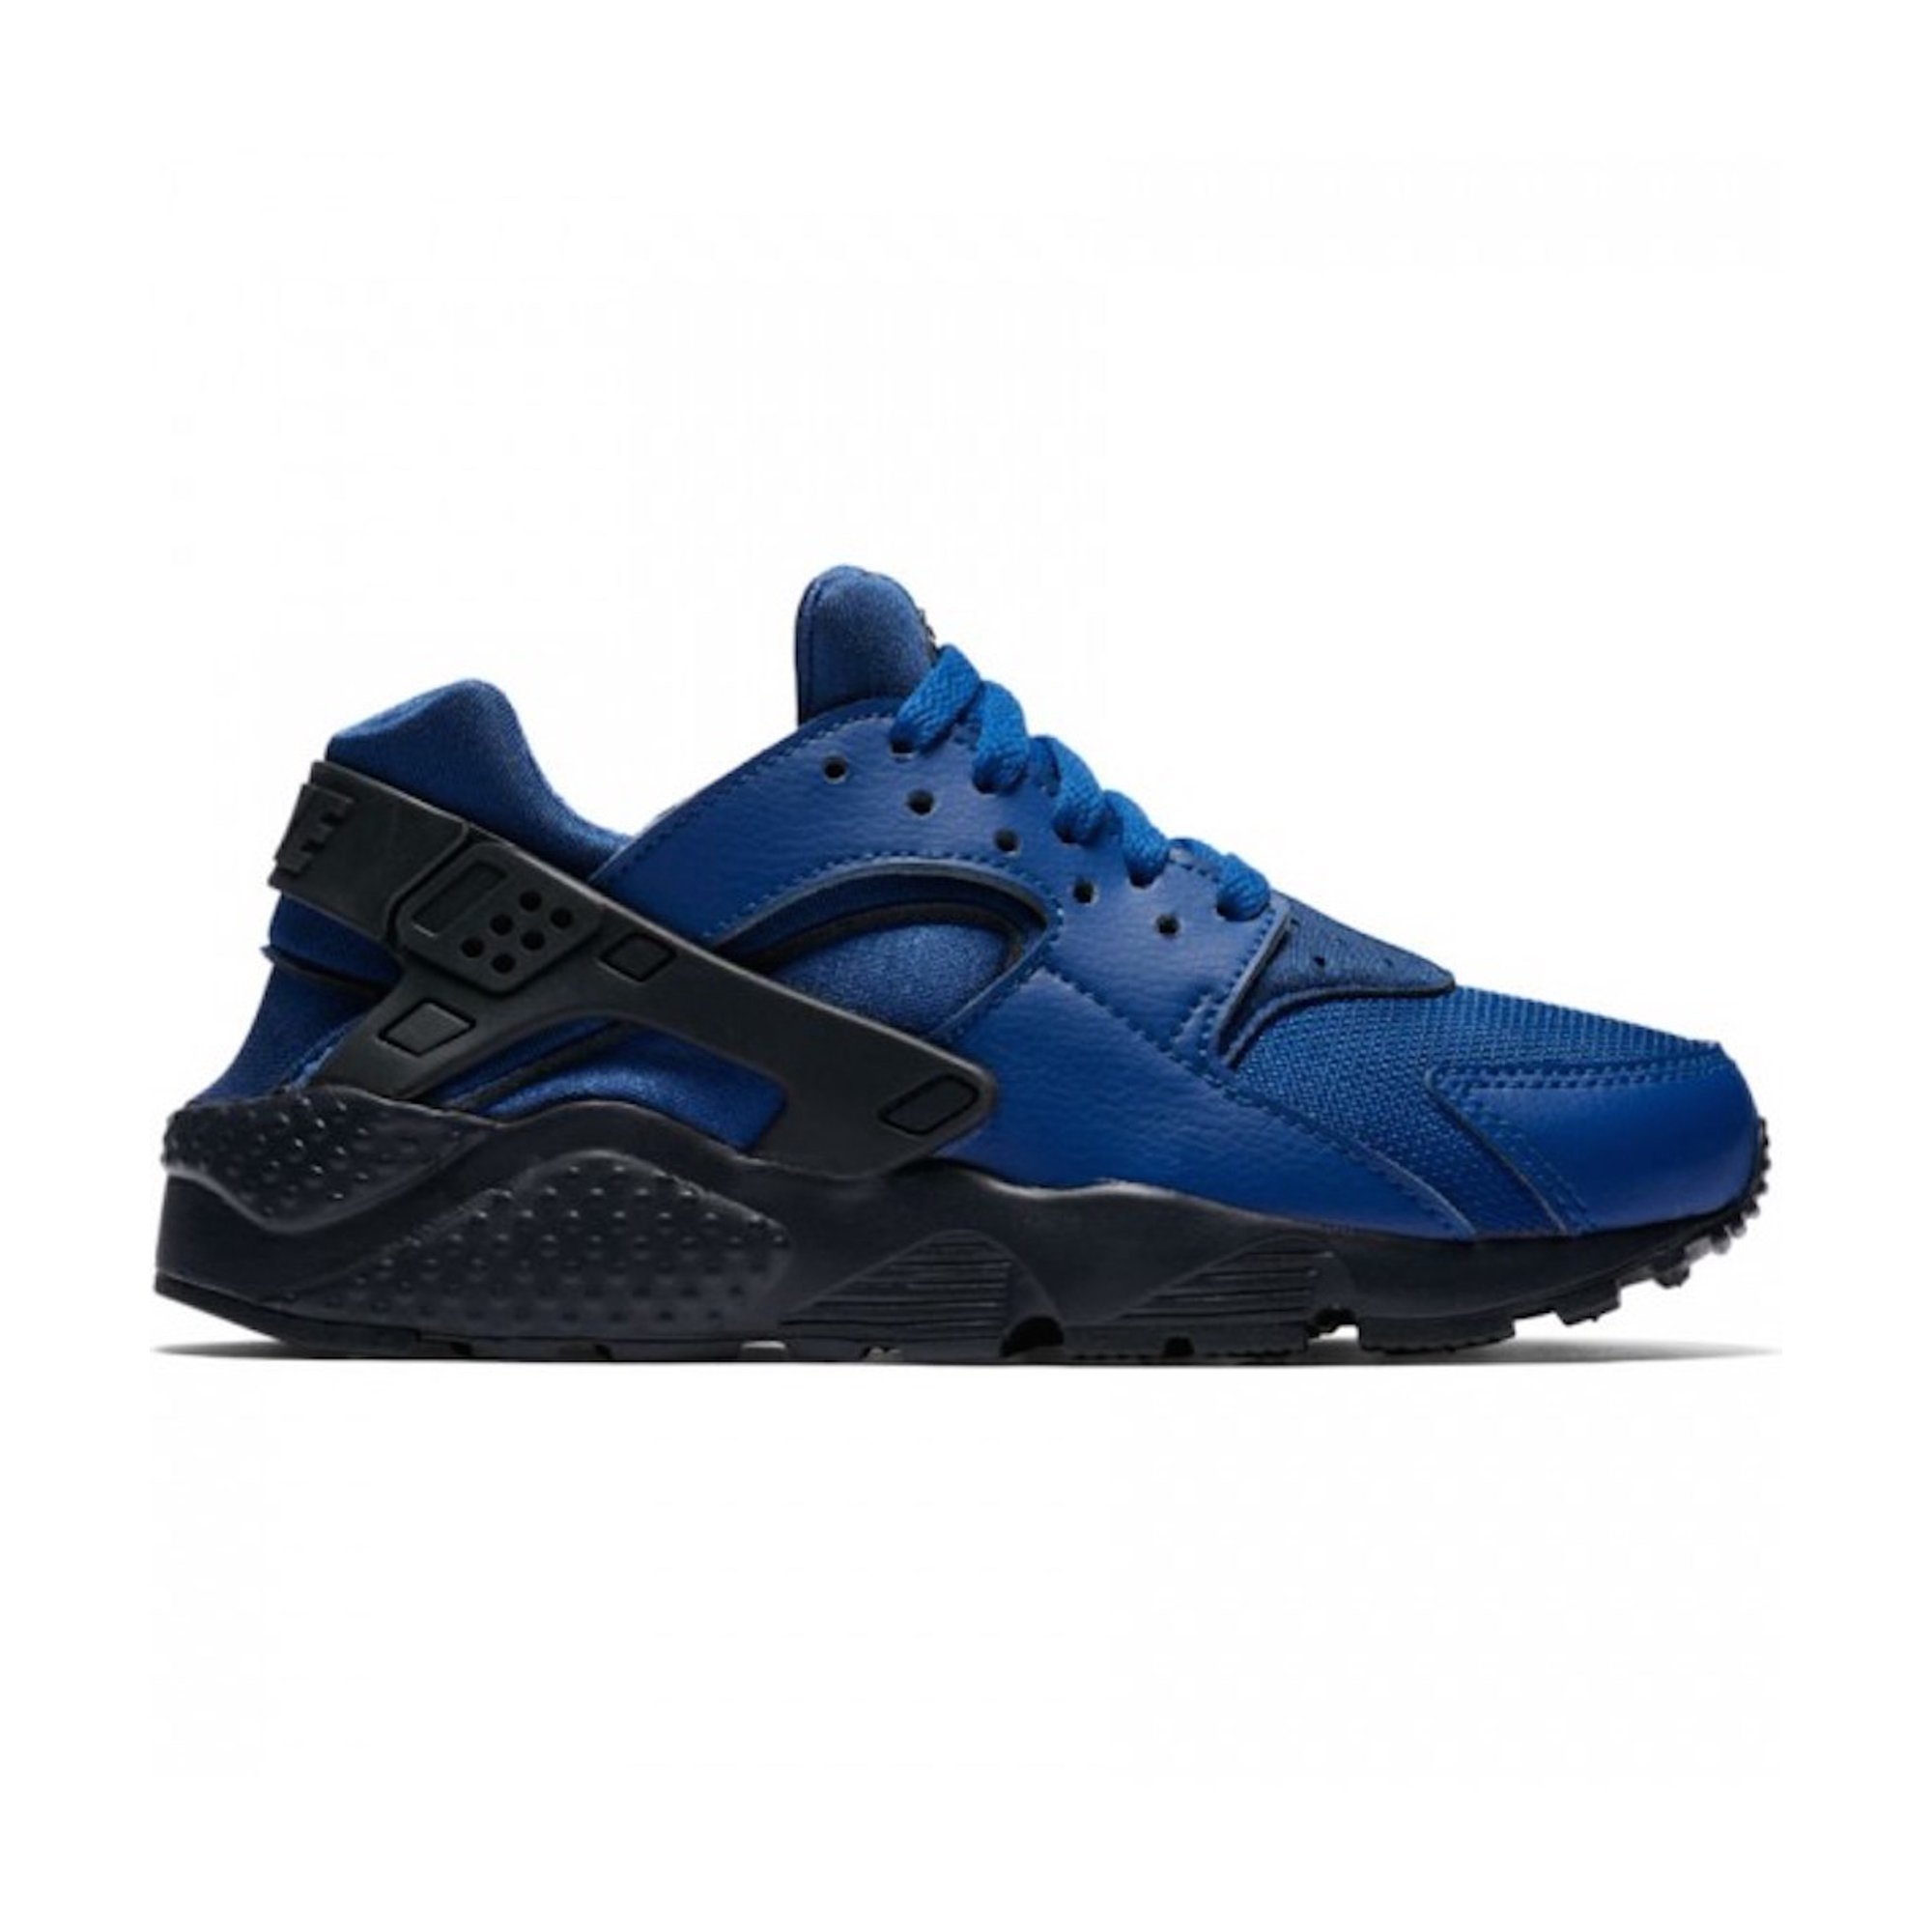 a07bab66df5c Buy Nike Kids Air Huarache Run GS Fashion Sneakers